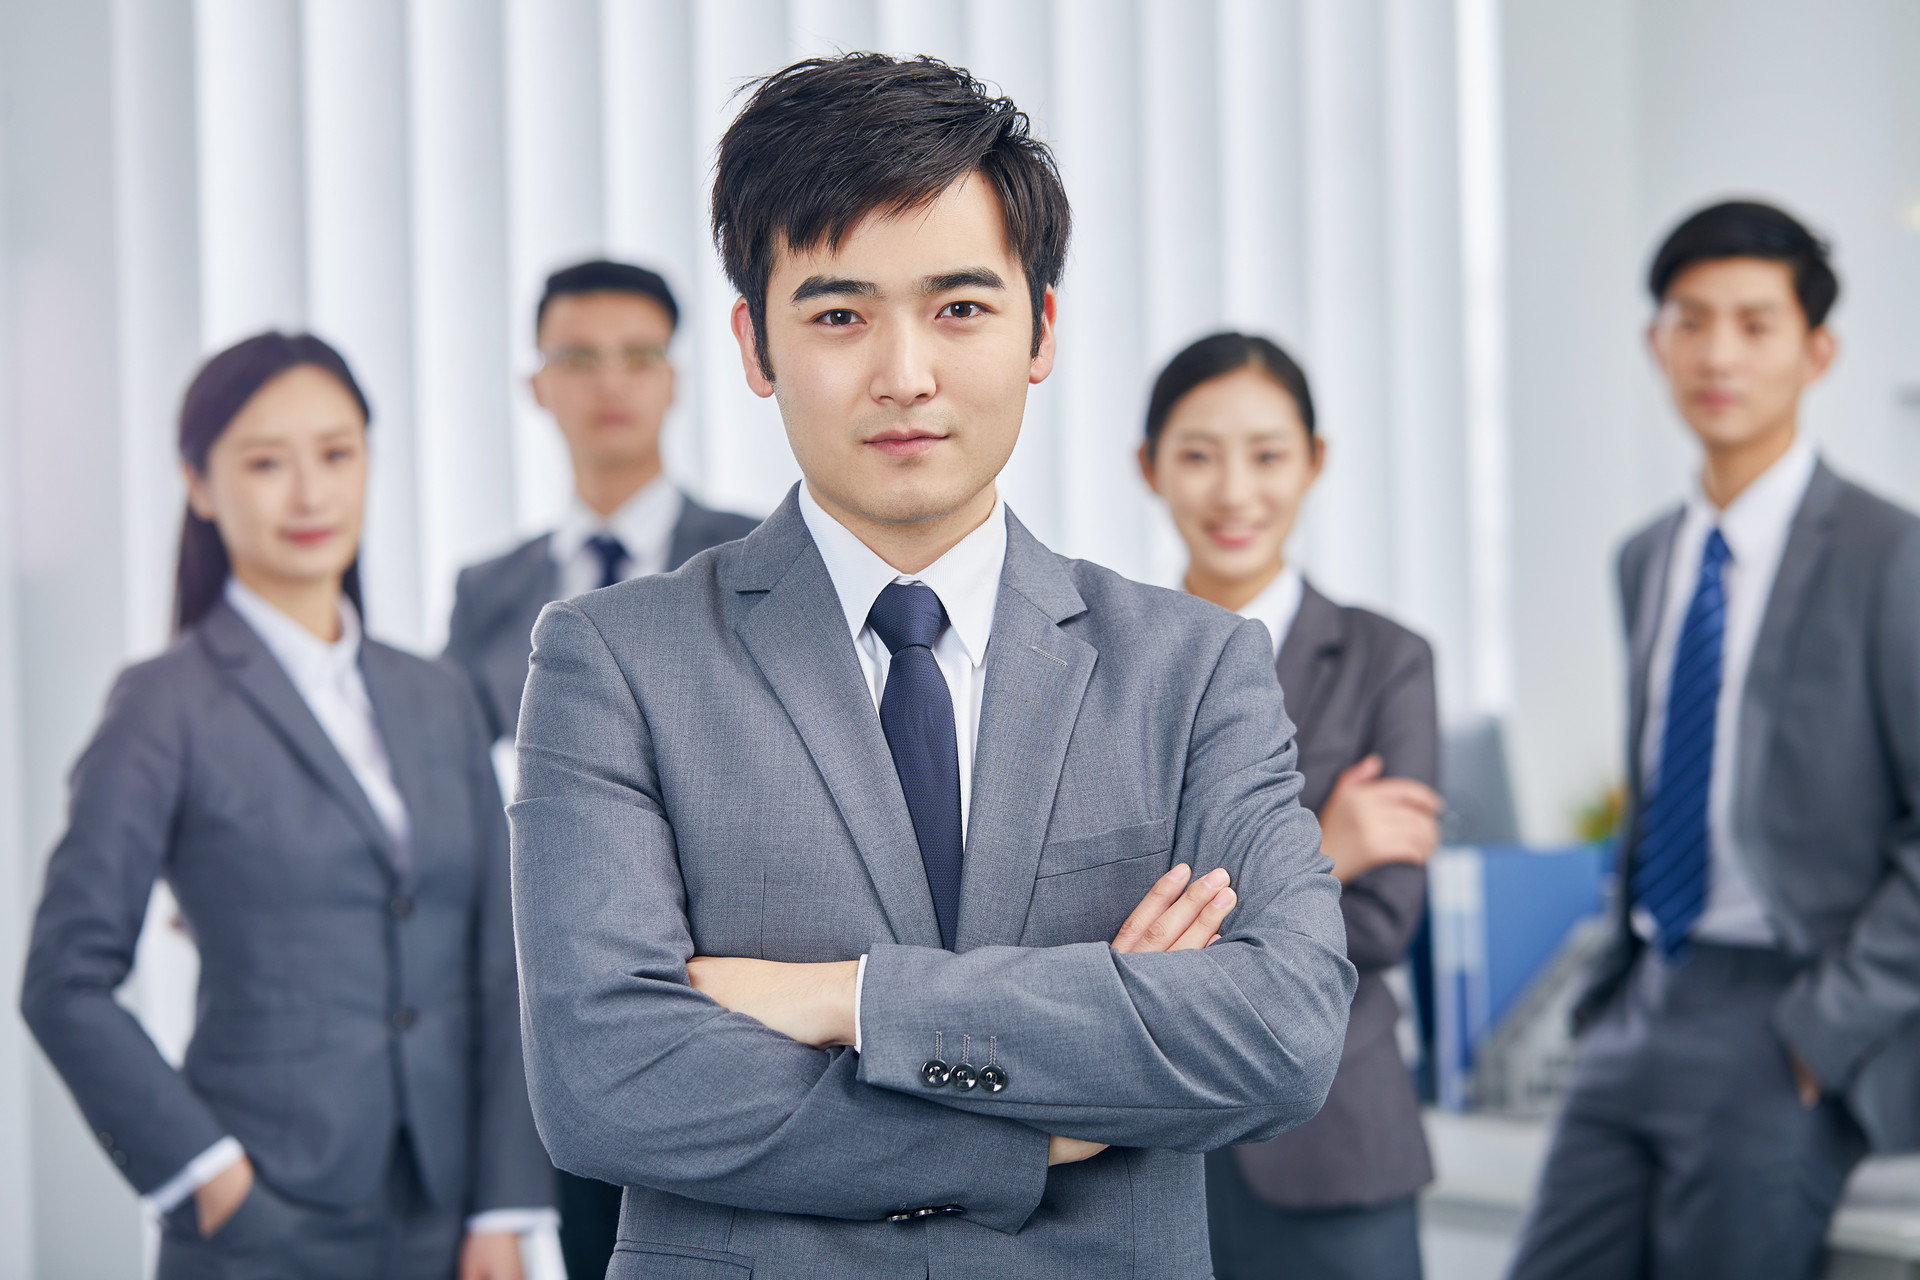 唐山职场沟通培训课程